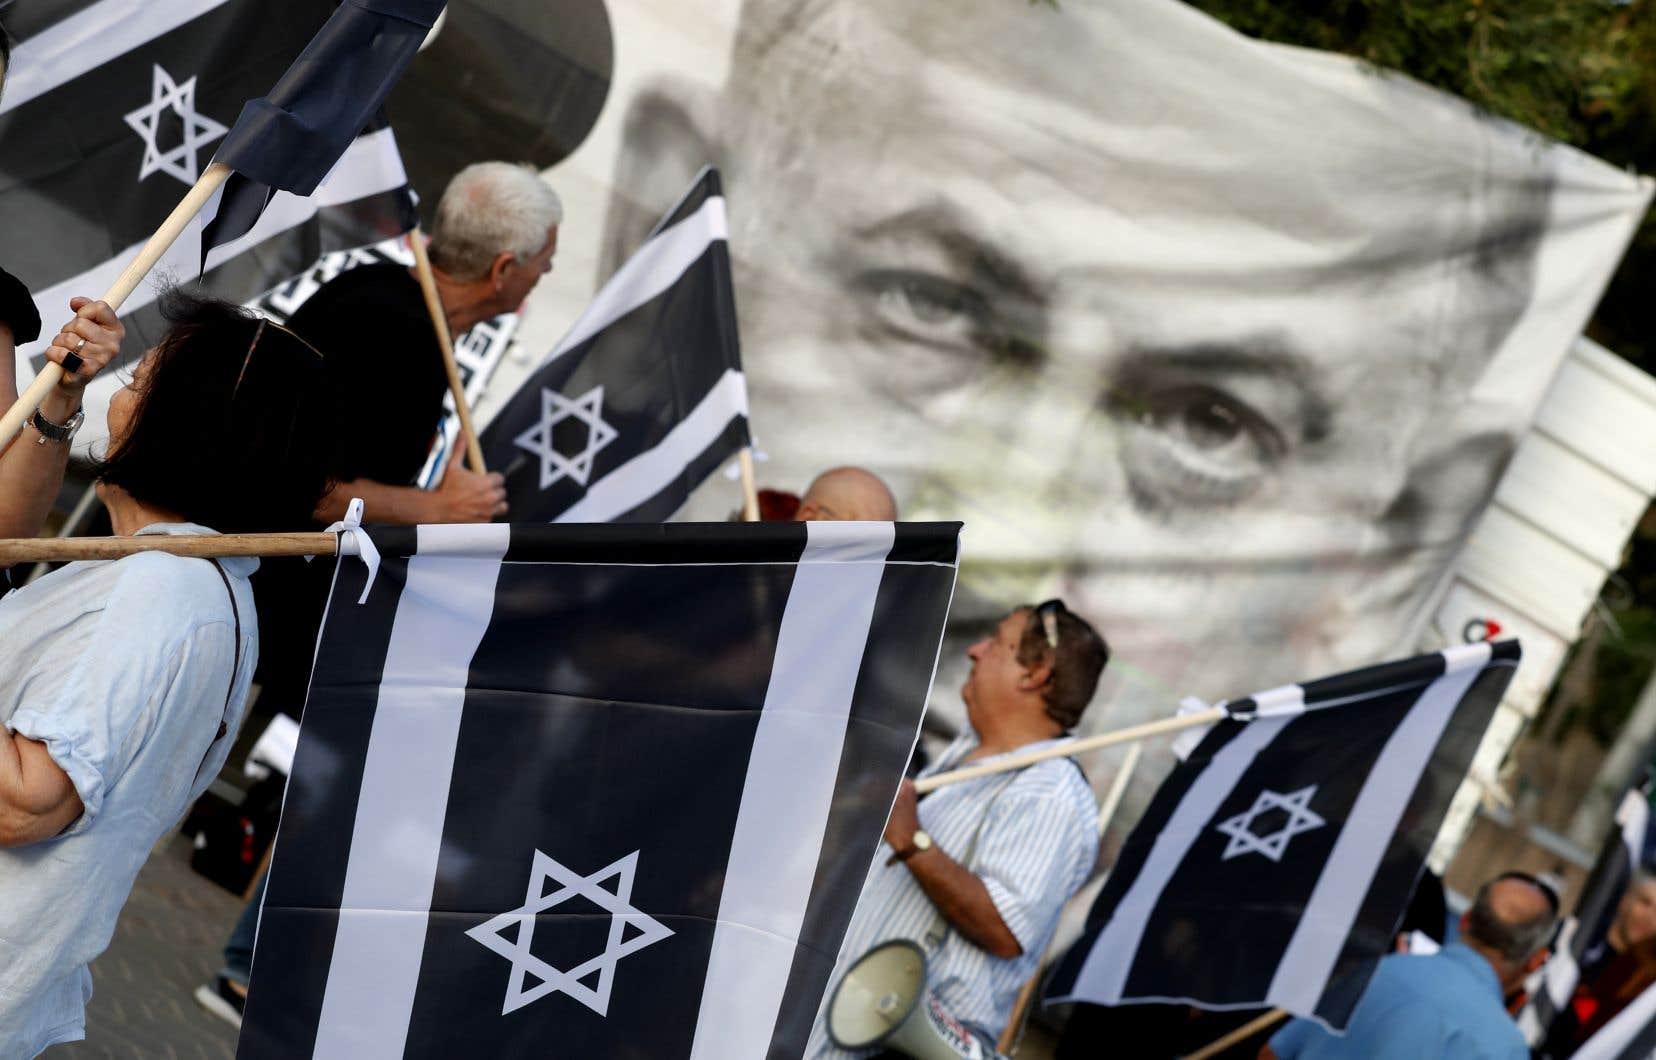 Les organisateurs ont estimé que des dizaines de milliers de personnes avaient participé à la marche qui a eu lieu devant le musée de Tel-Aviv. Moins de 10000 manifestants étaient présents, selon la police.